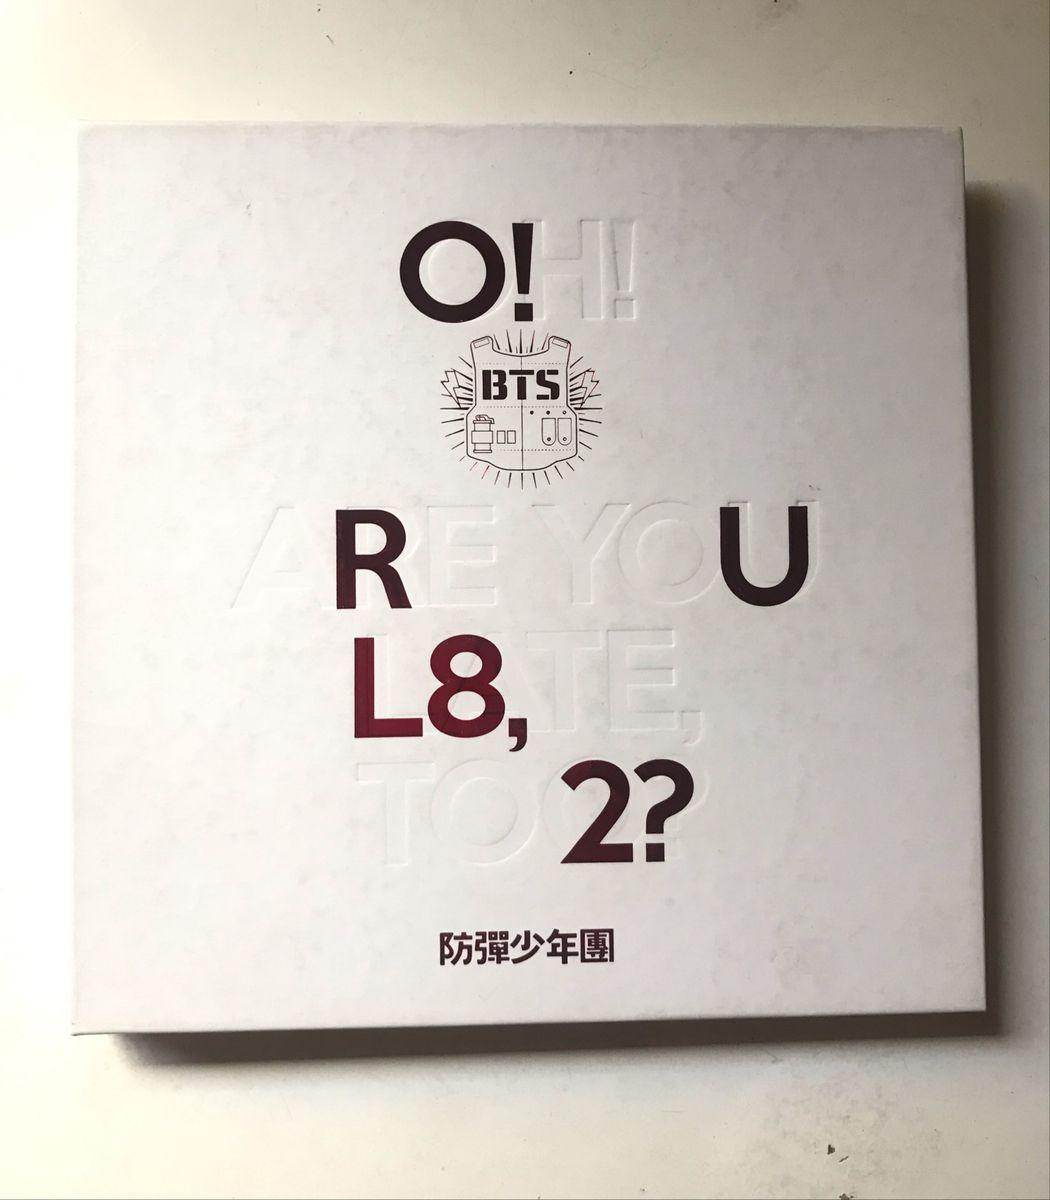 O Rul8 2 Oh Are You Late Too Album Bts Item De Musica Big Hit Usado 33852743 Enjoei